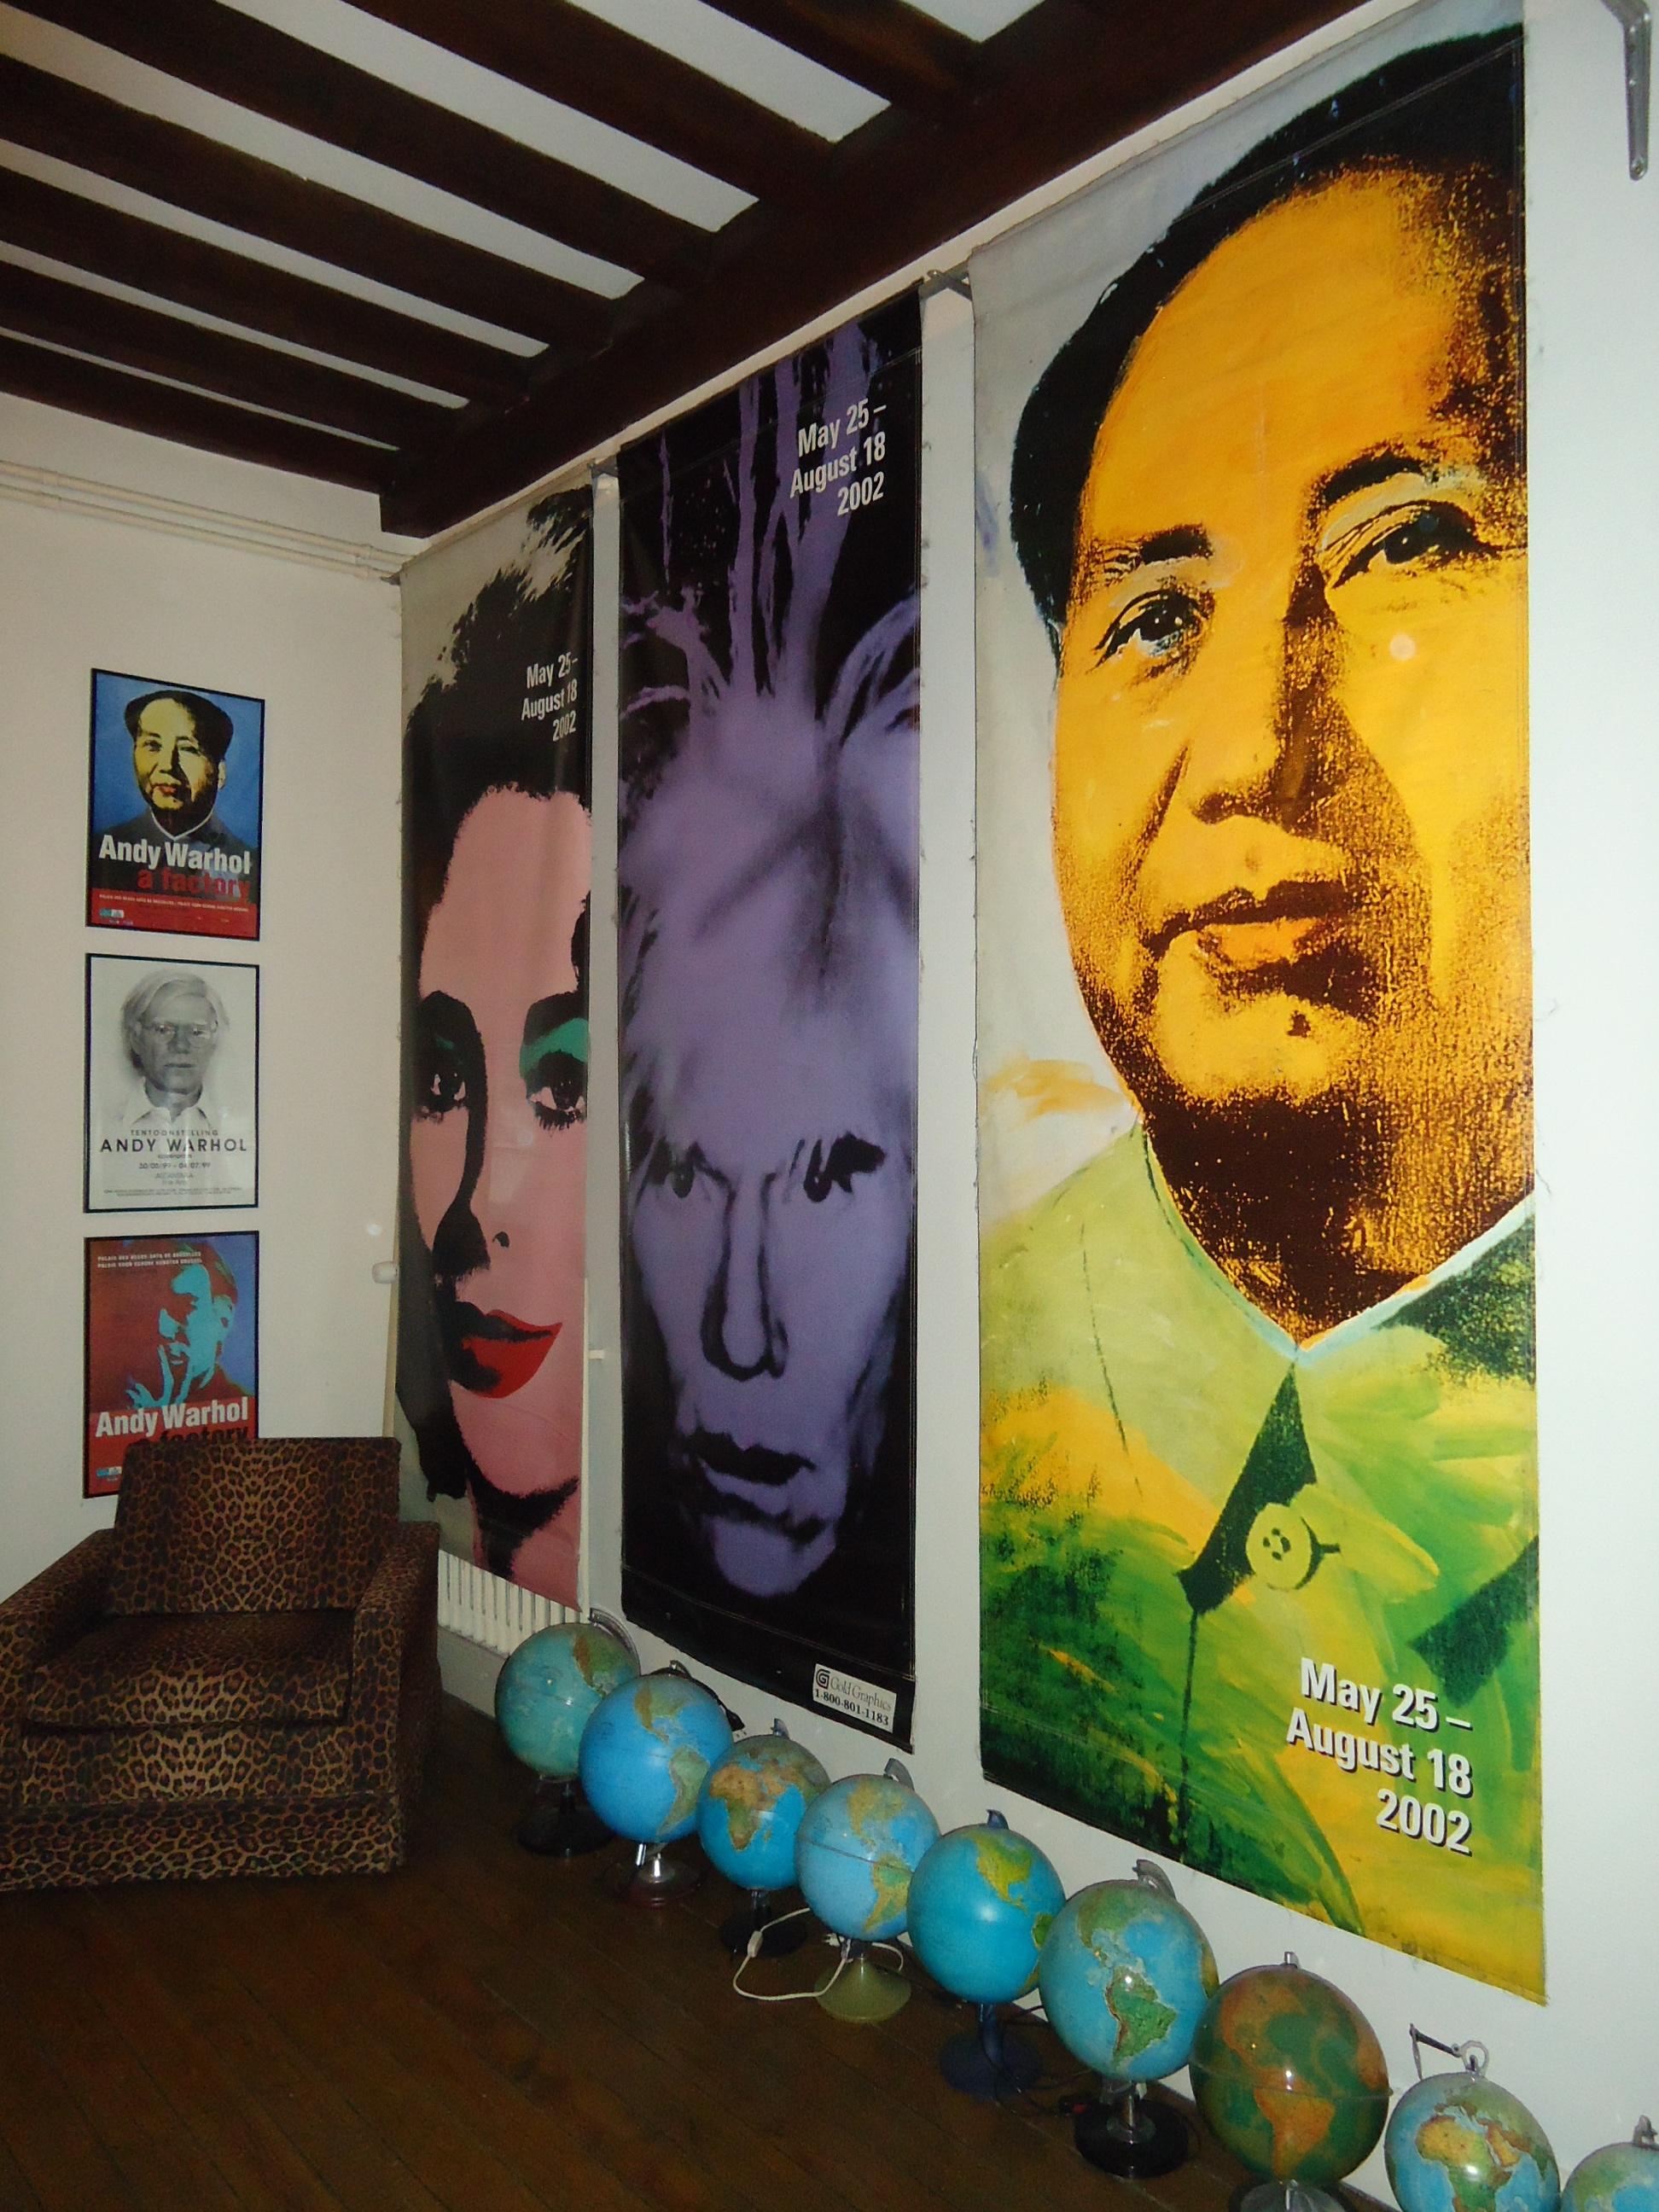 Diederik Vandenbilcke's Andy Warhol in Ypres exhibition